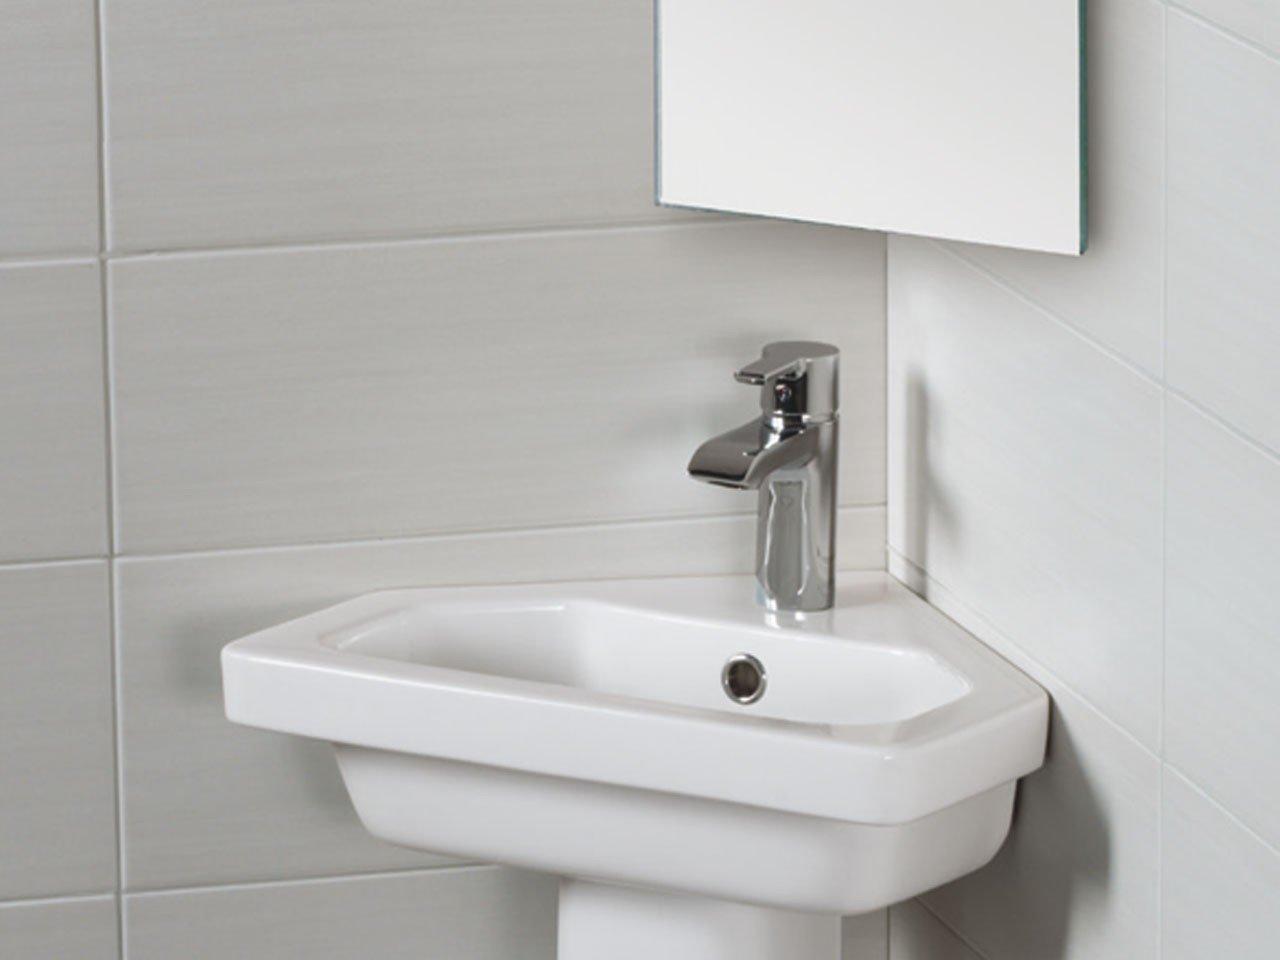 Londra lavabo ad angolo corner iperceramica - Lavabo ad angolo ...